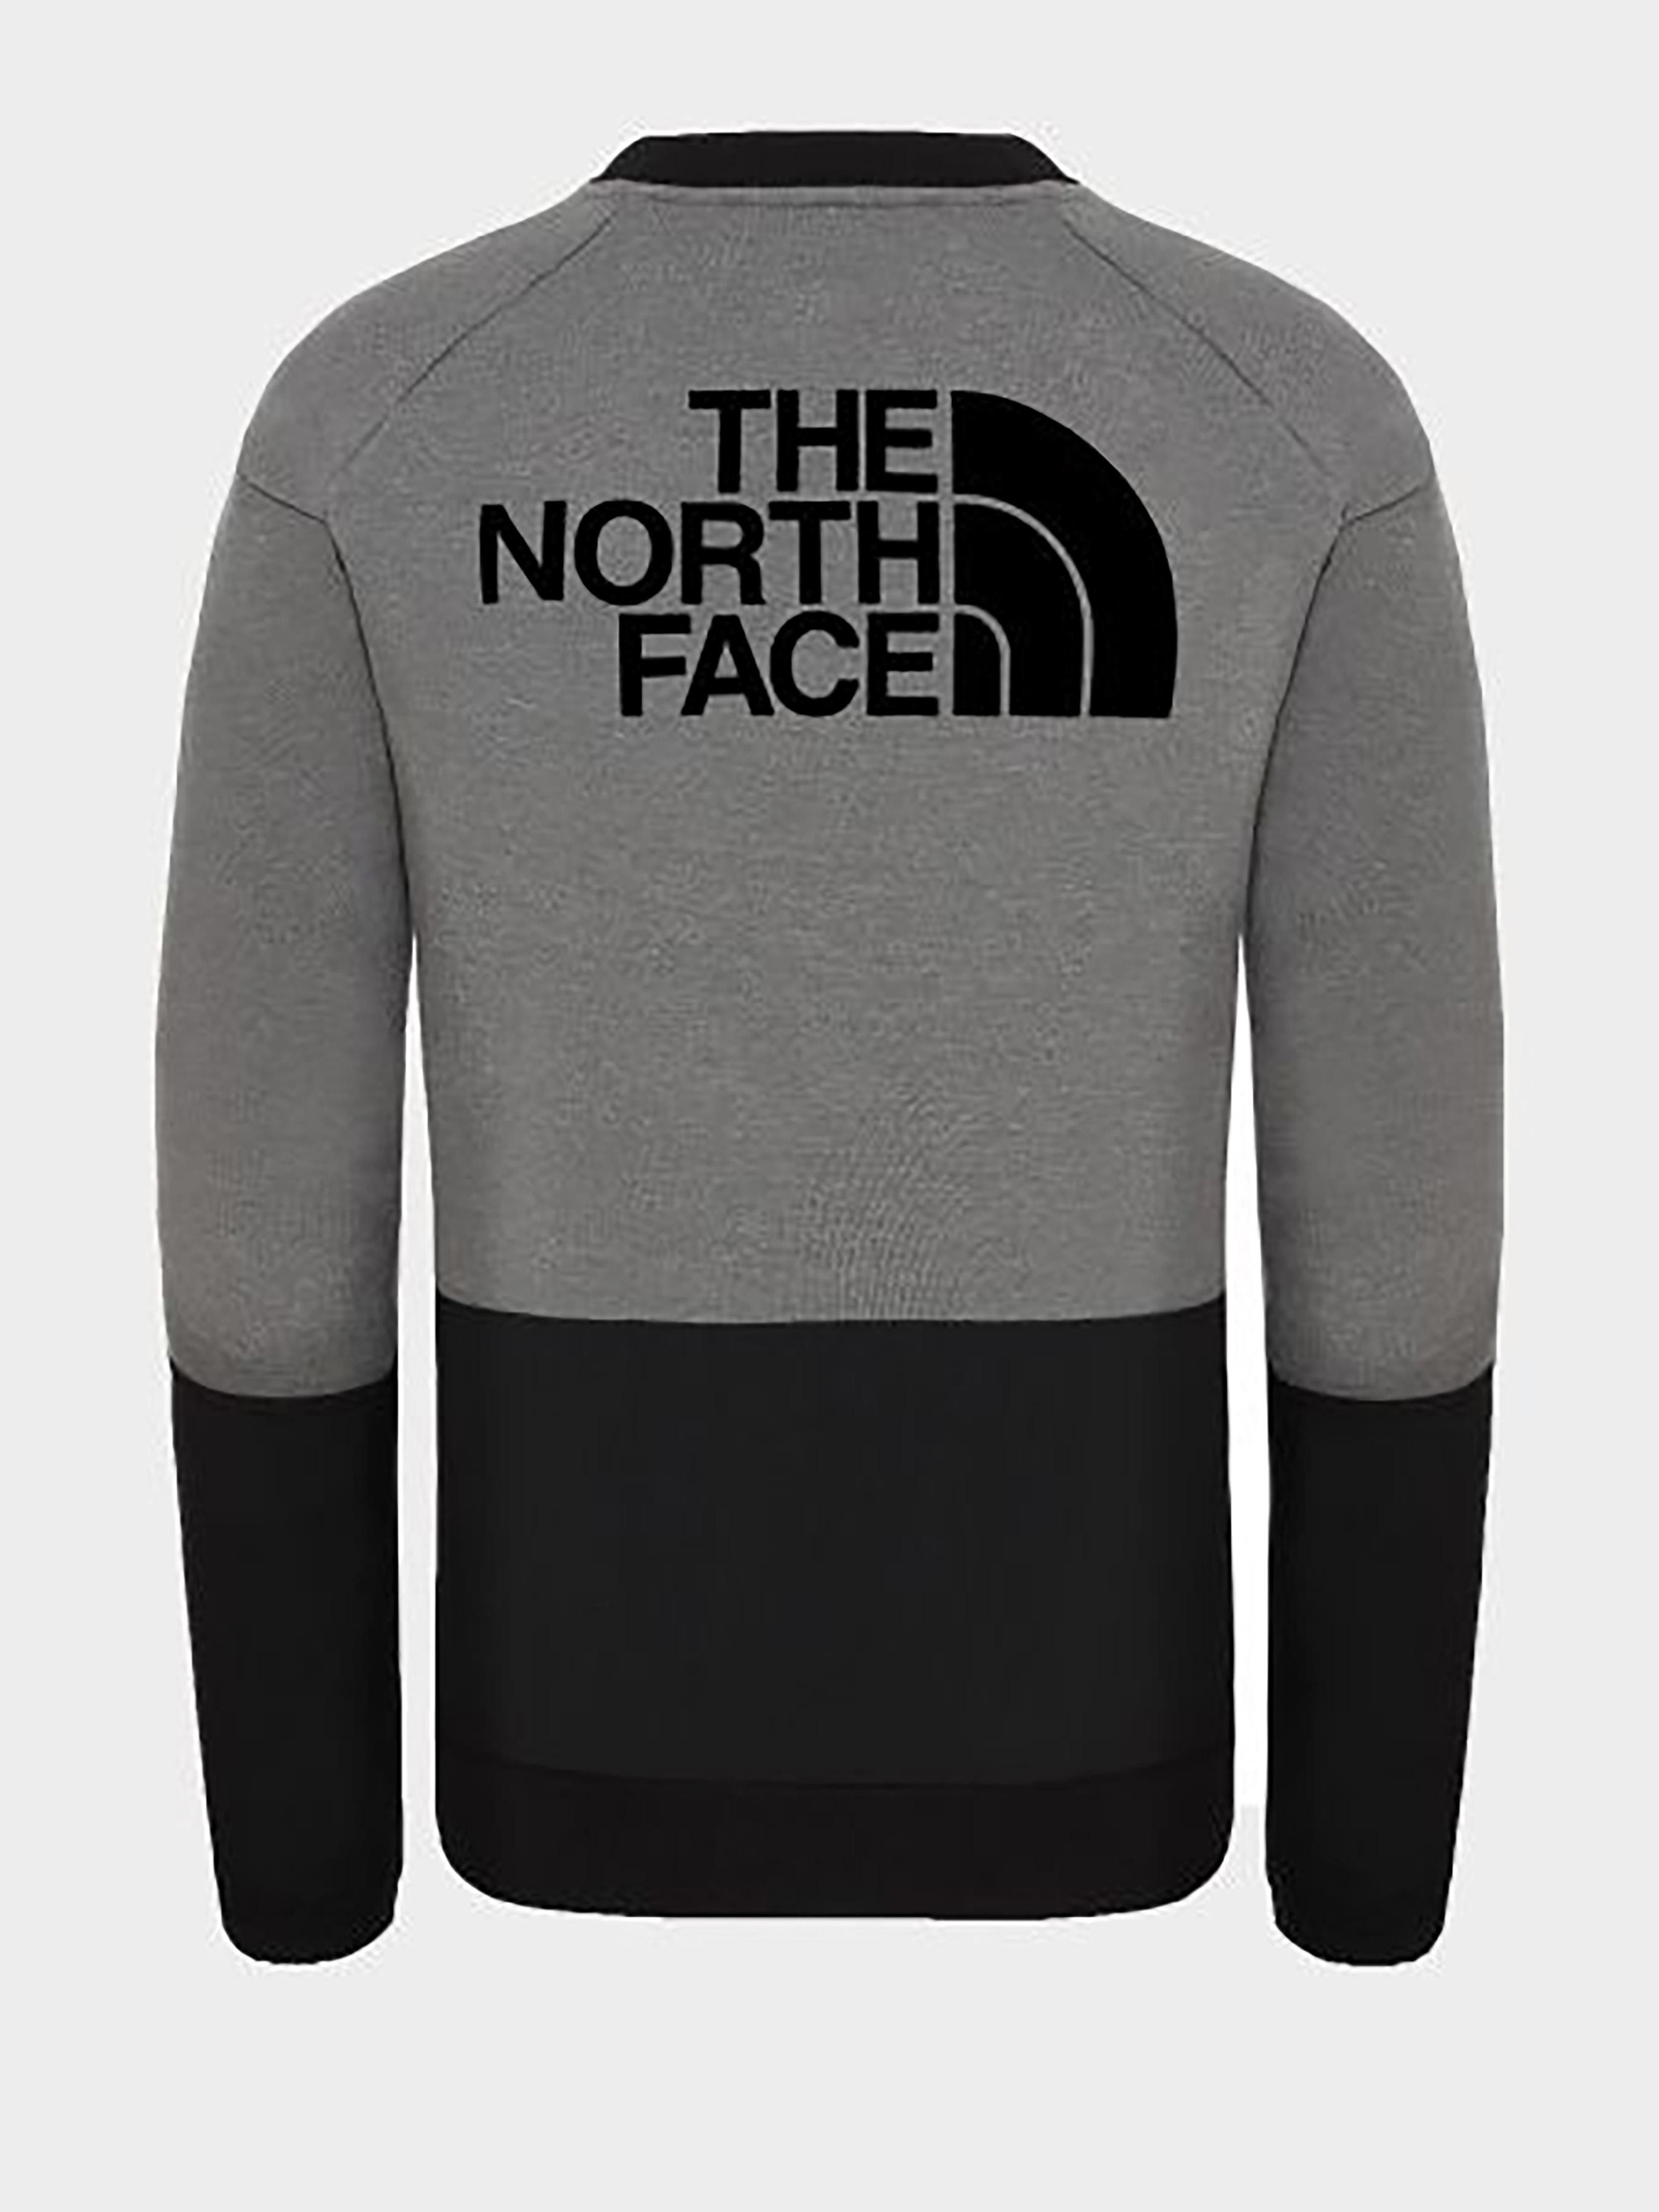 Кофты и свитера мужские The North Face модель N2756 приобрести, 2017